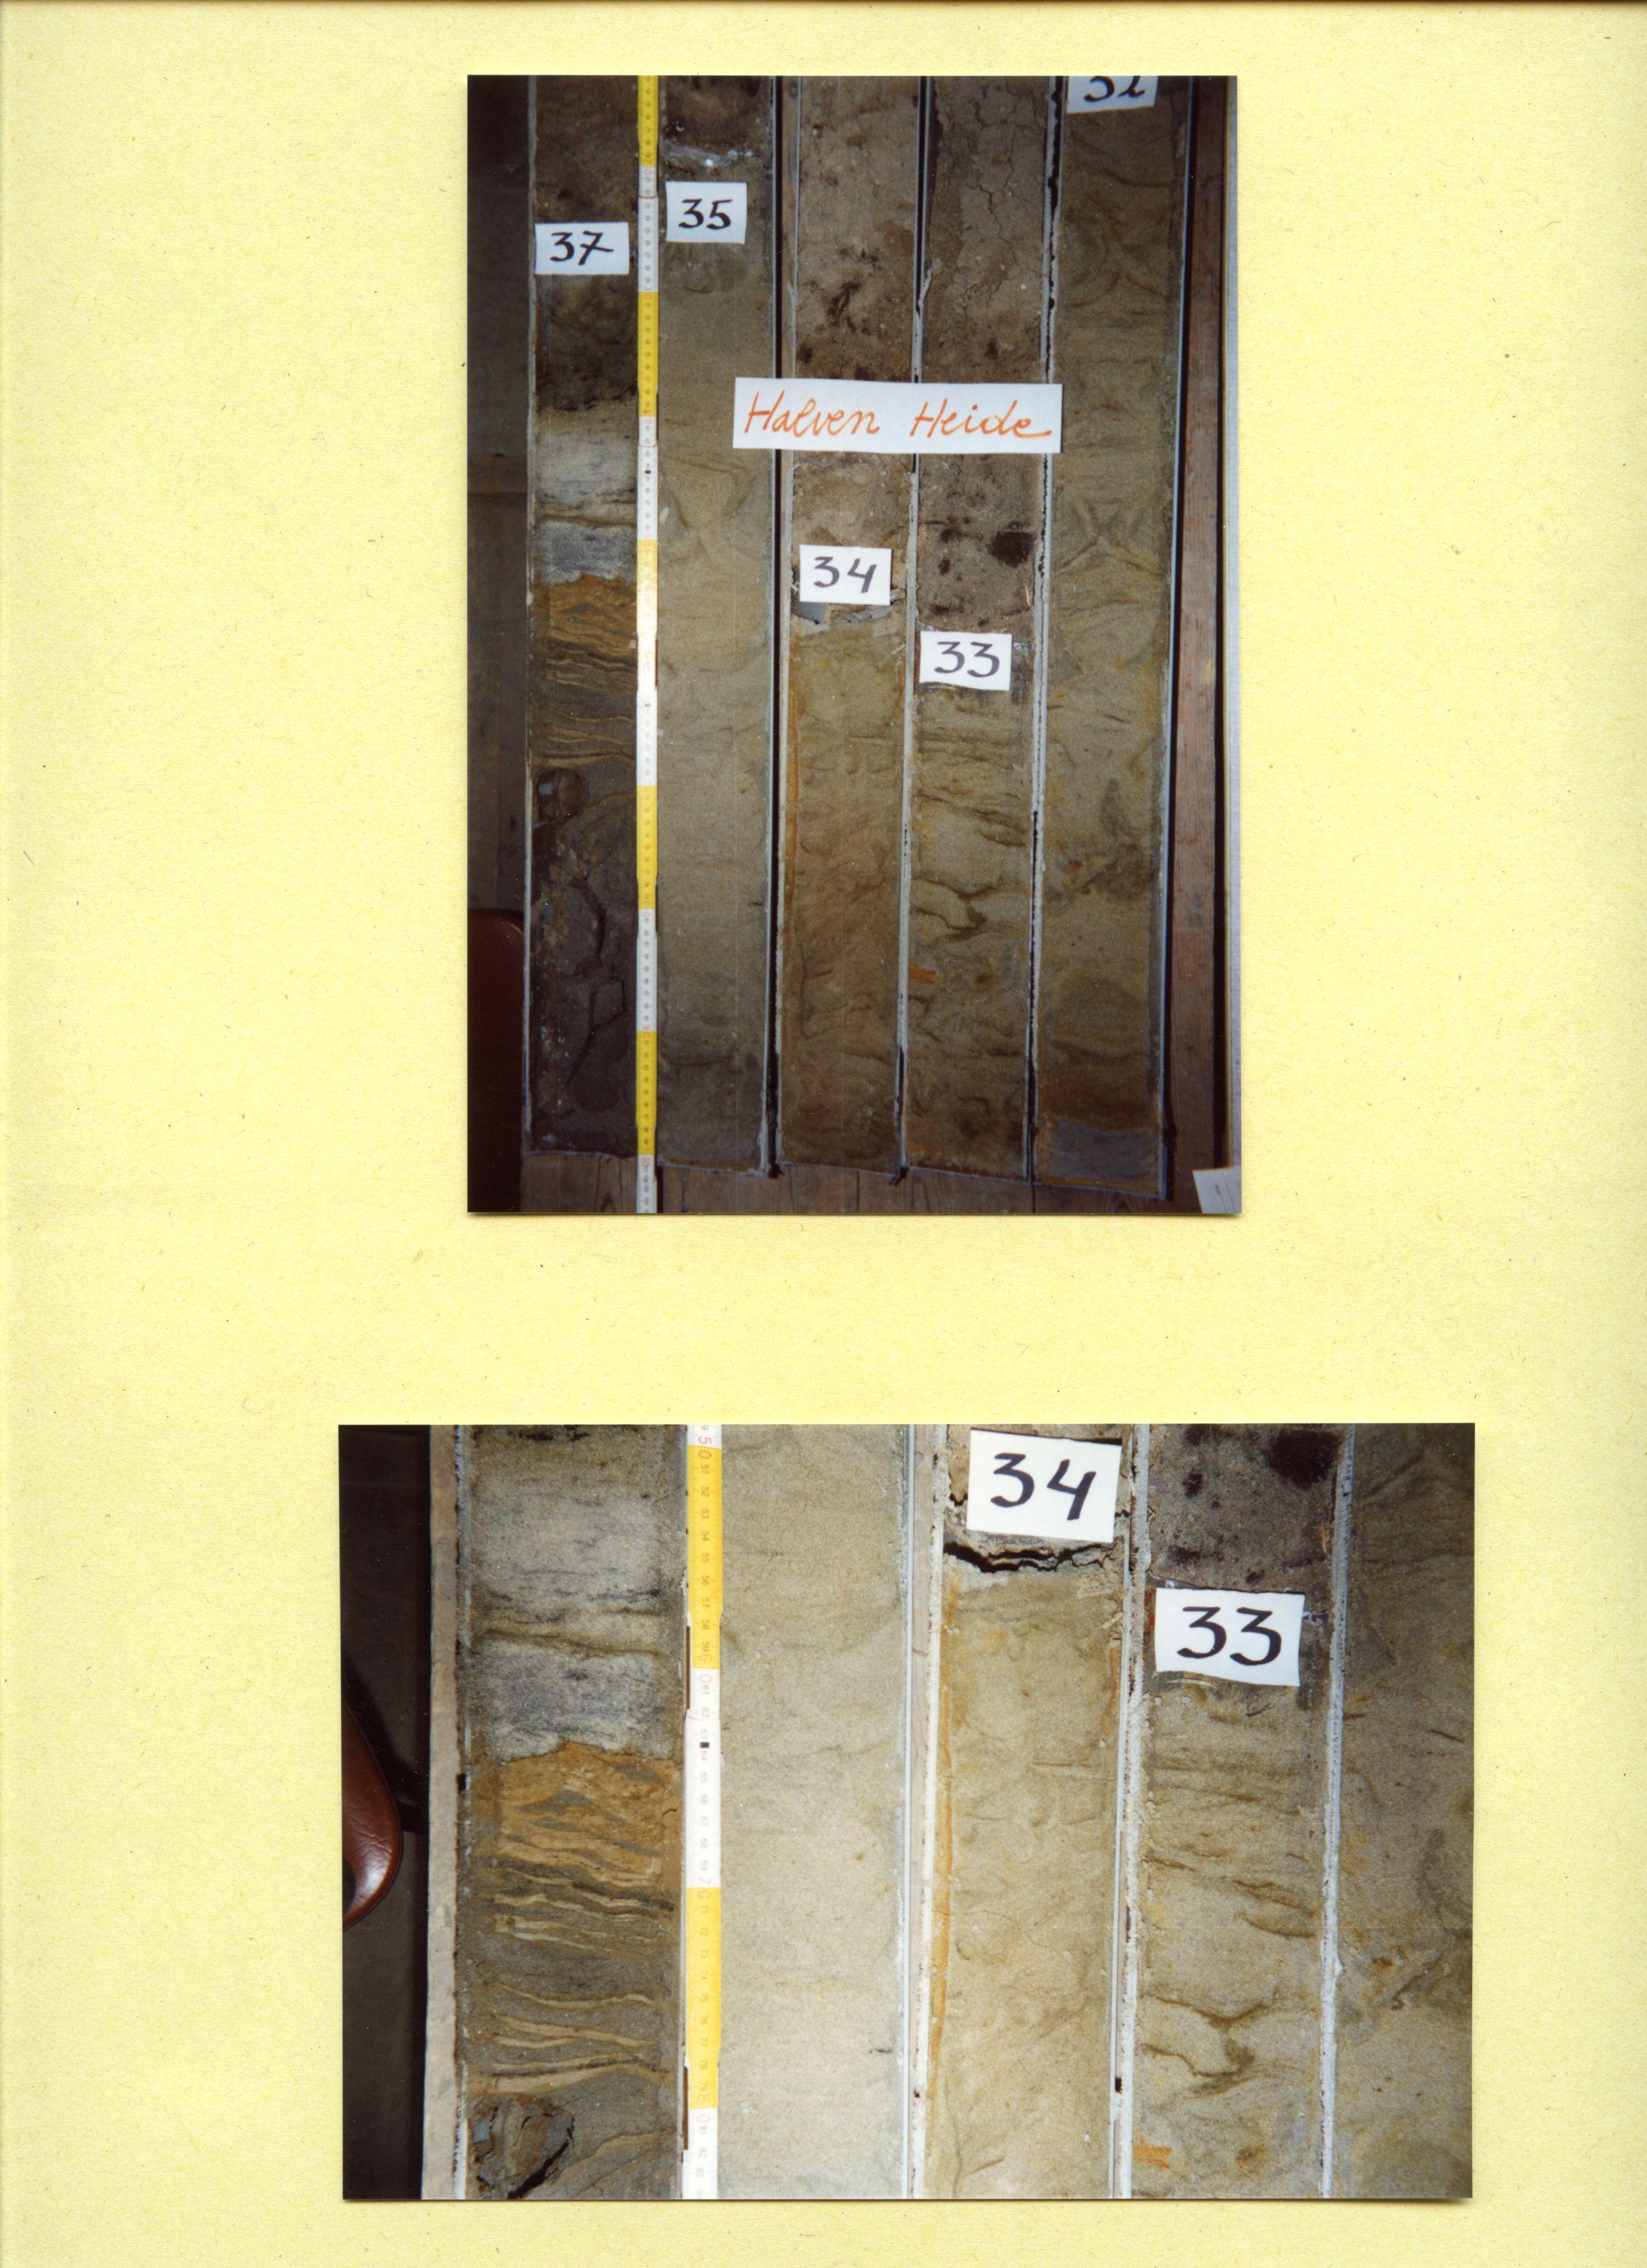 008w0158-halven-heide-nr-158-008.jpg